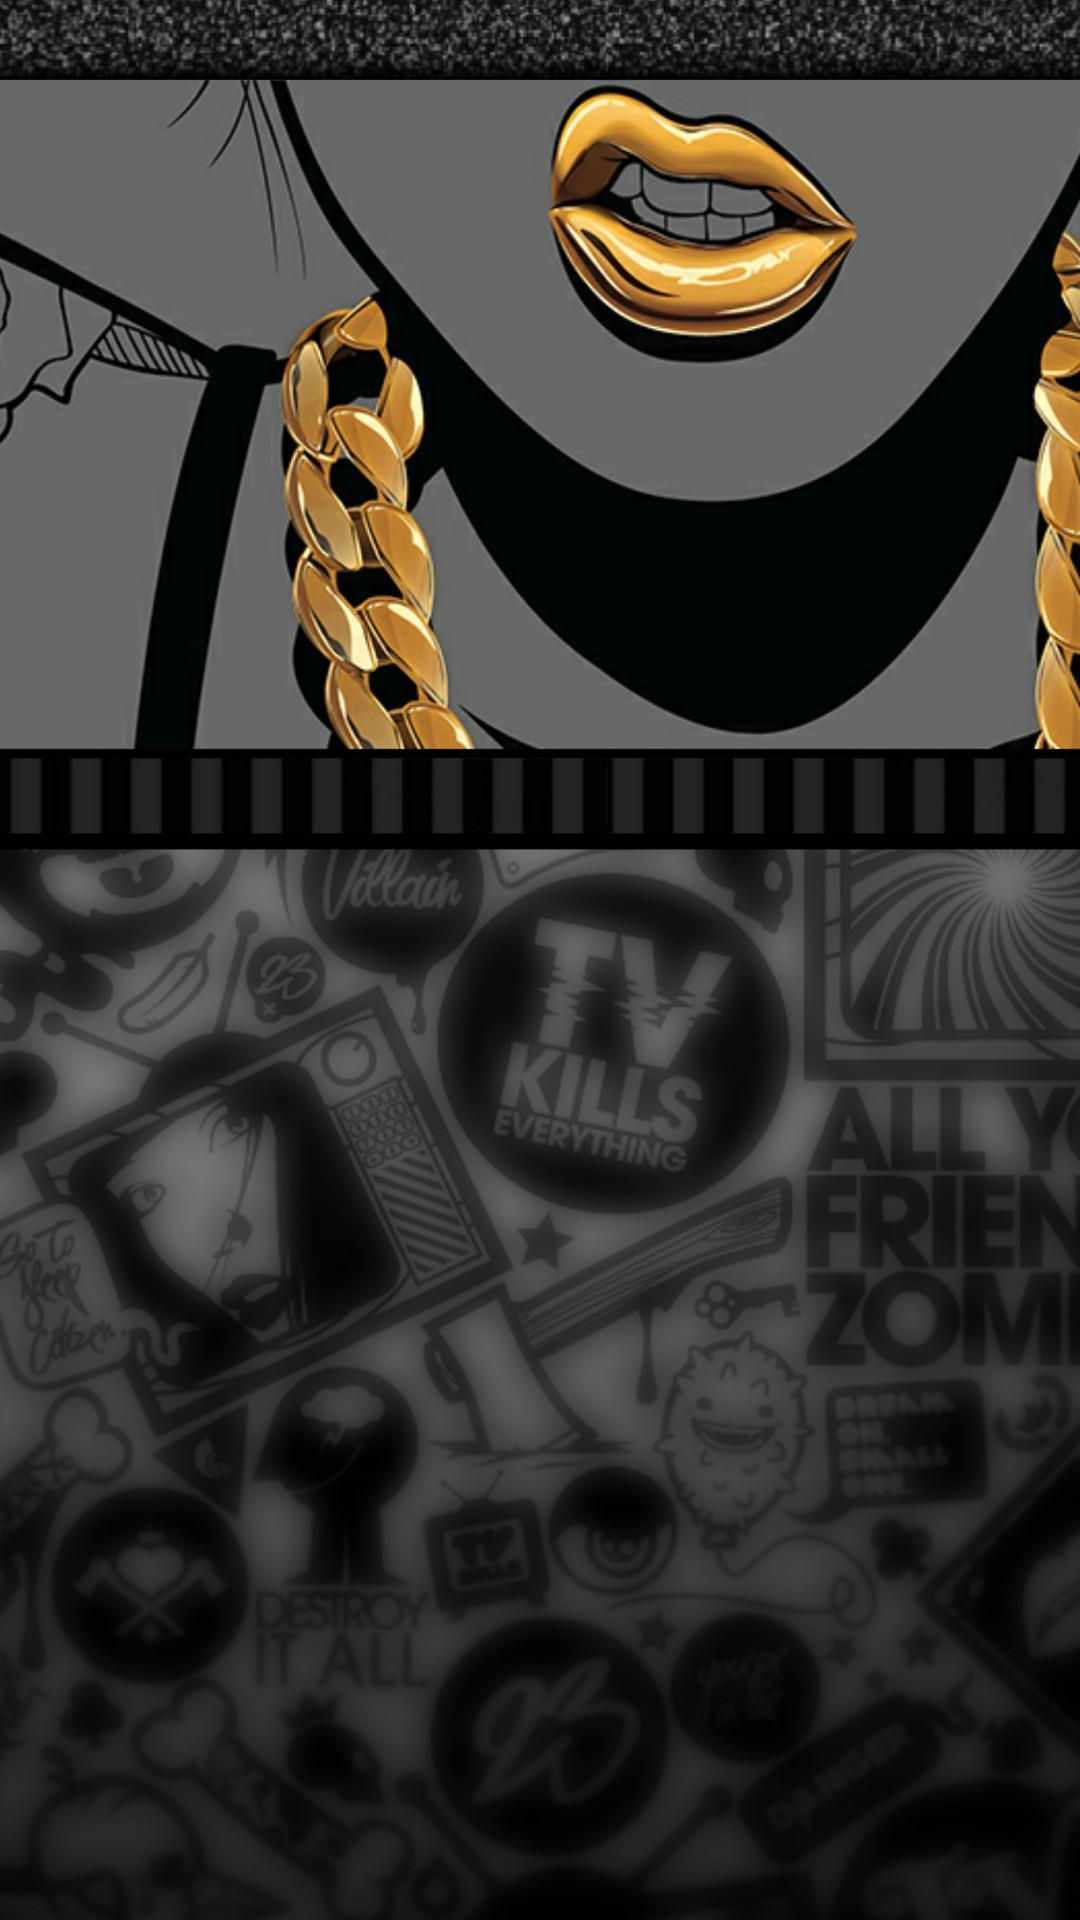 Dope Wallpapers @nikki-screens